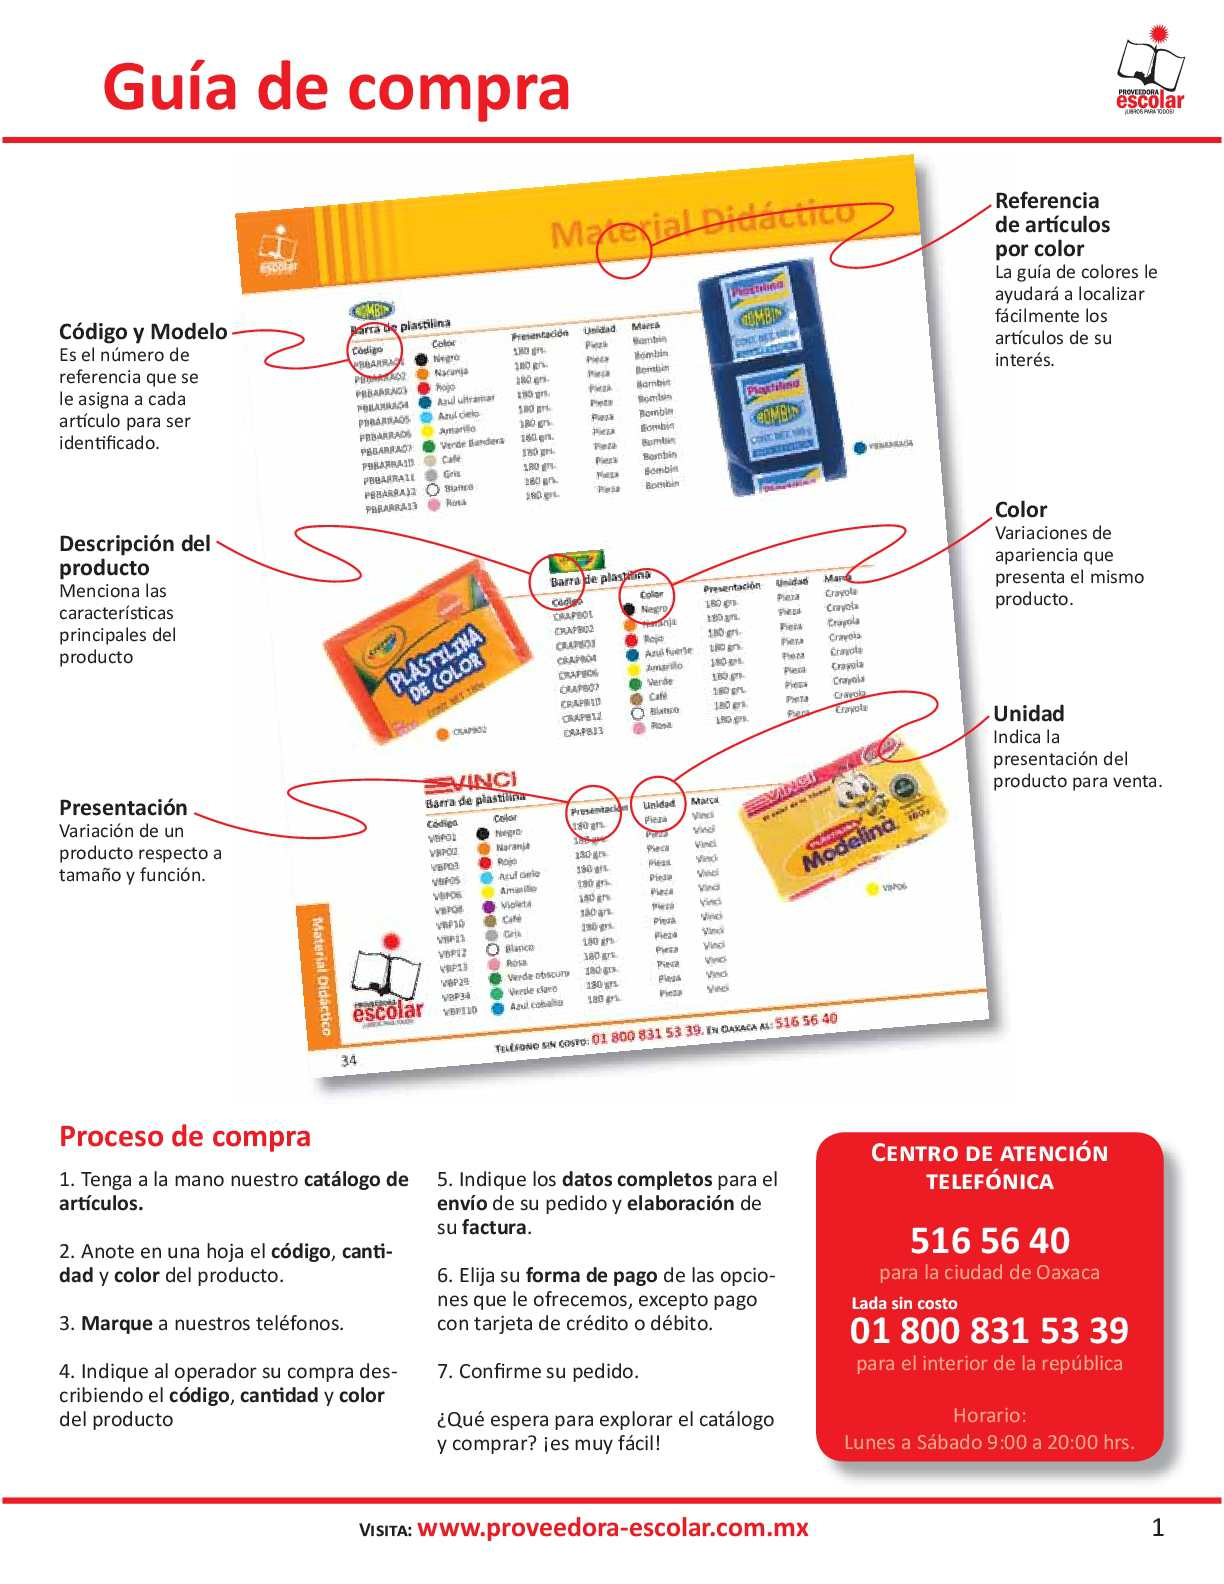 Calaméo - Proveedora Escolar. Catálogo de productos 2010